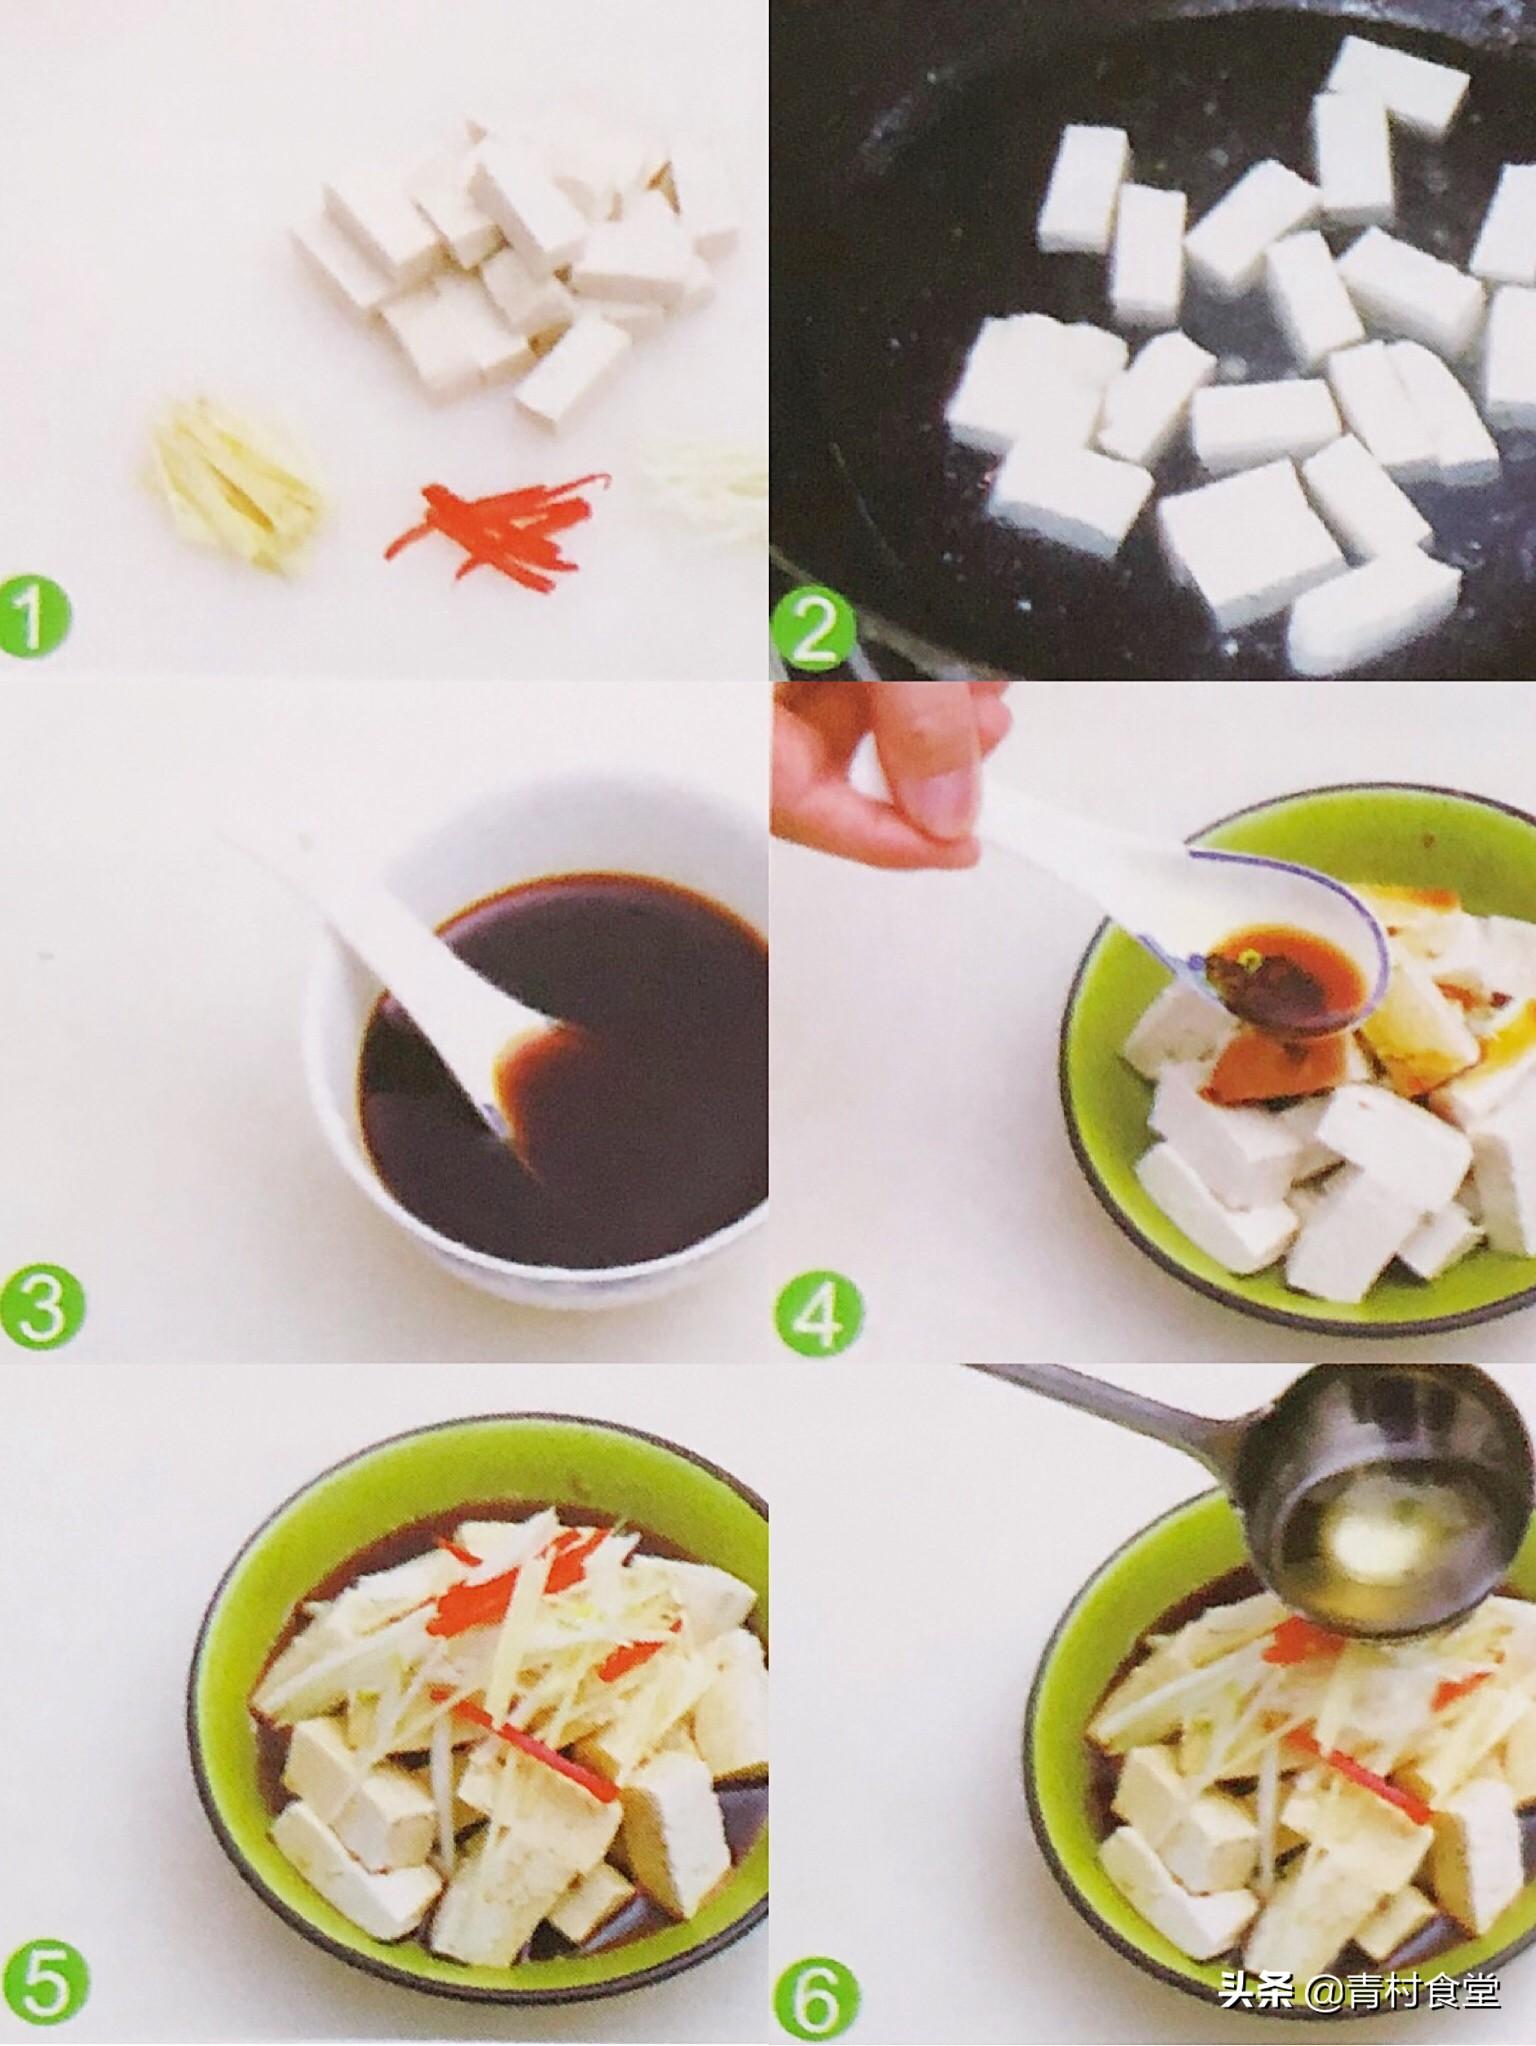 你知道北豆腐和南豆腐的区别吗? 美食做法 第1张